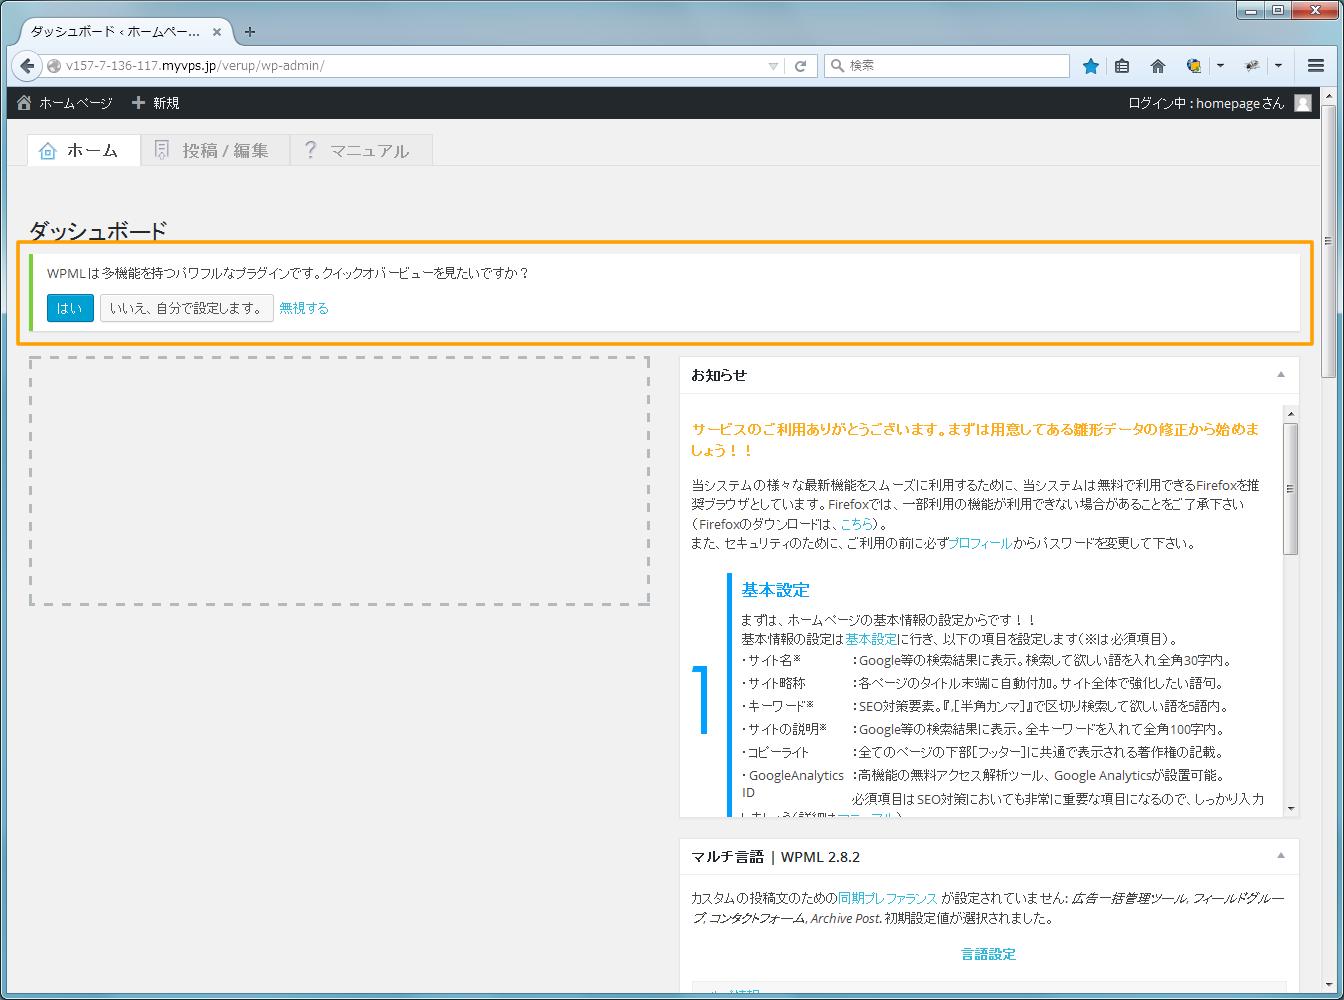 管理画面 HOME 多言語対応 初期管理画面 | 初期費用無料ホームページ作成サイト - FunMaker